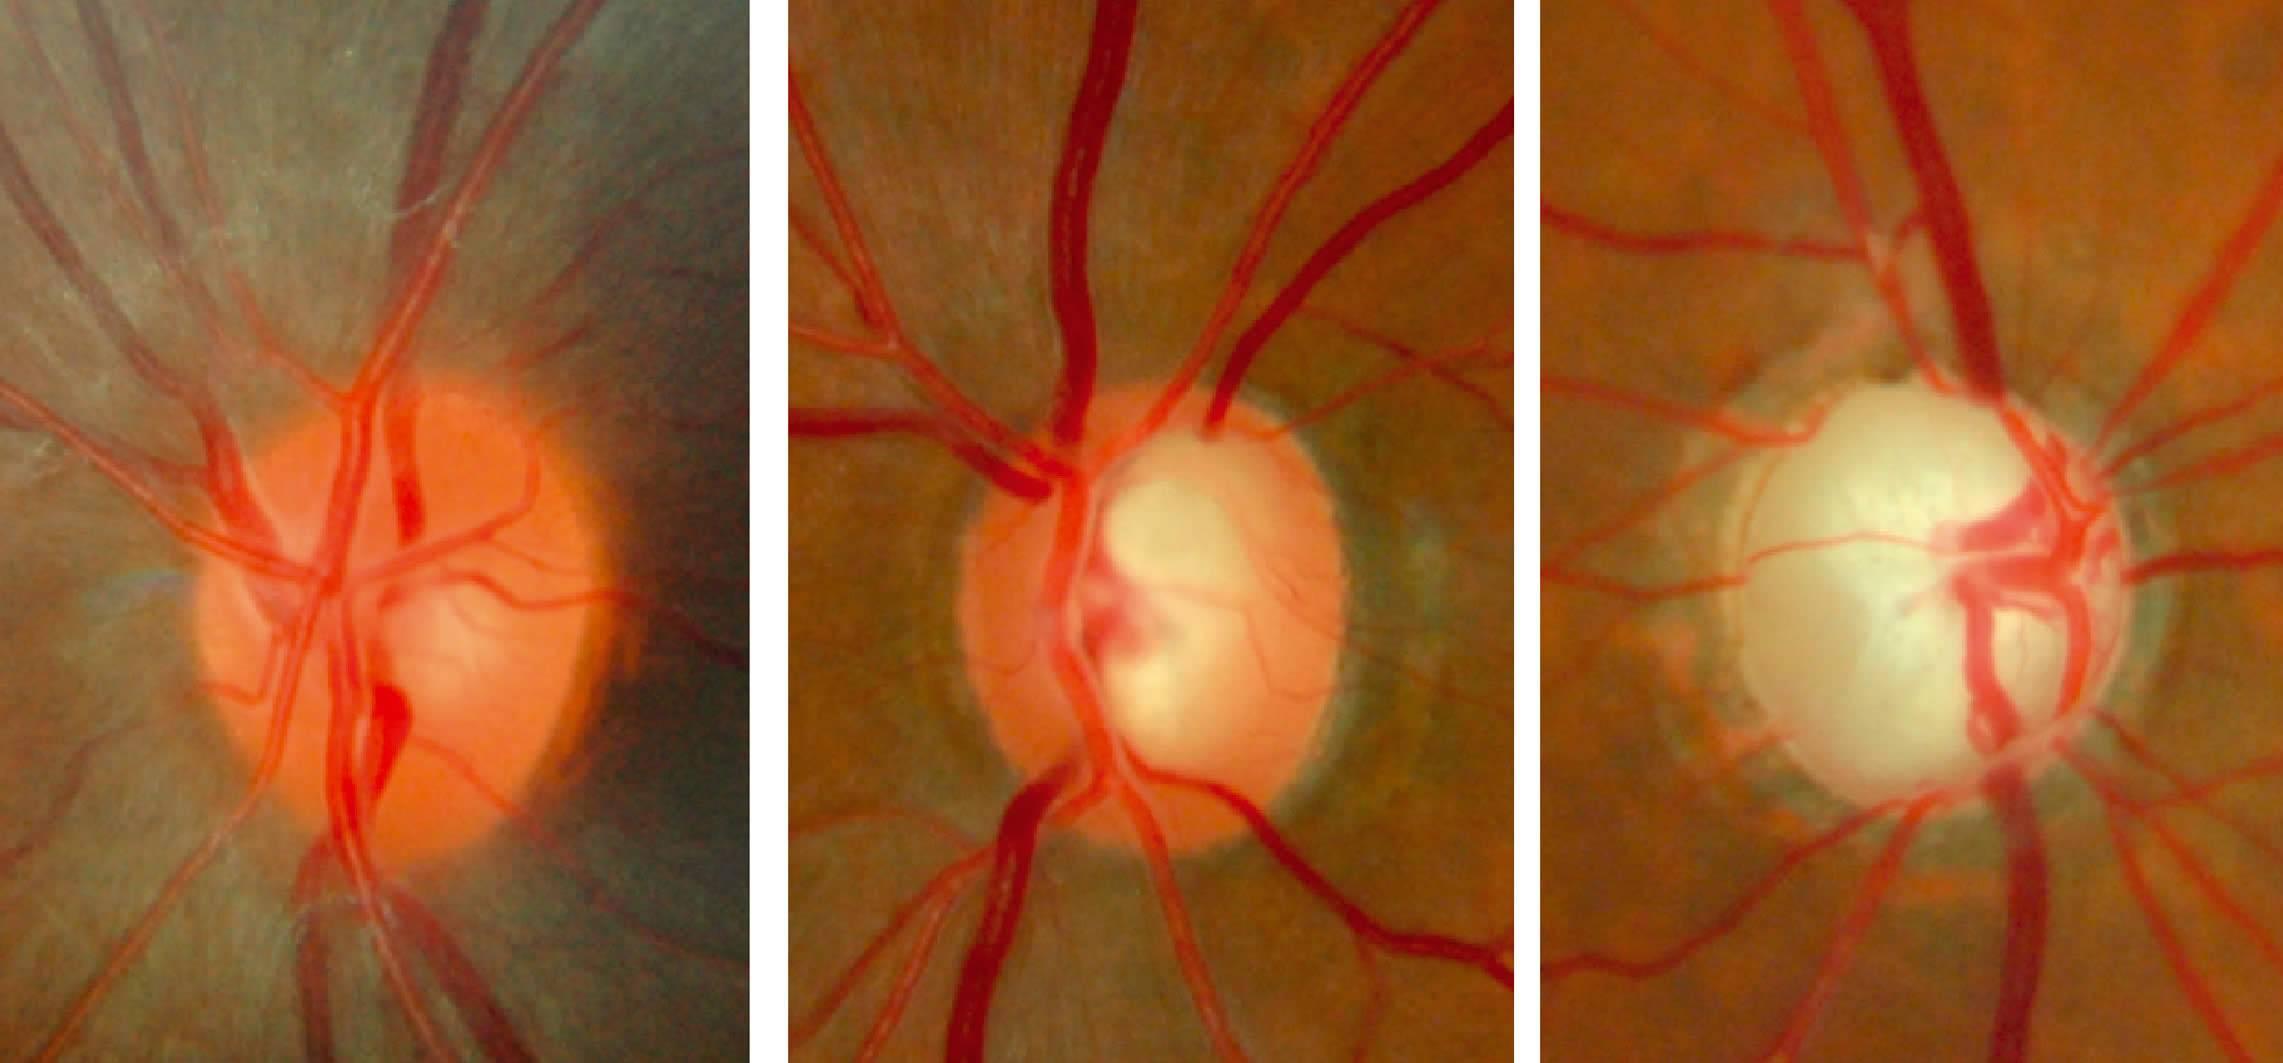 Атрофия зрительного нерва — лечение и прогноз